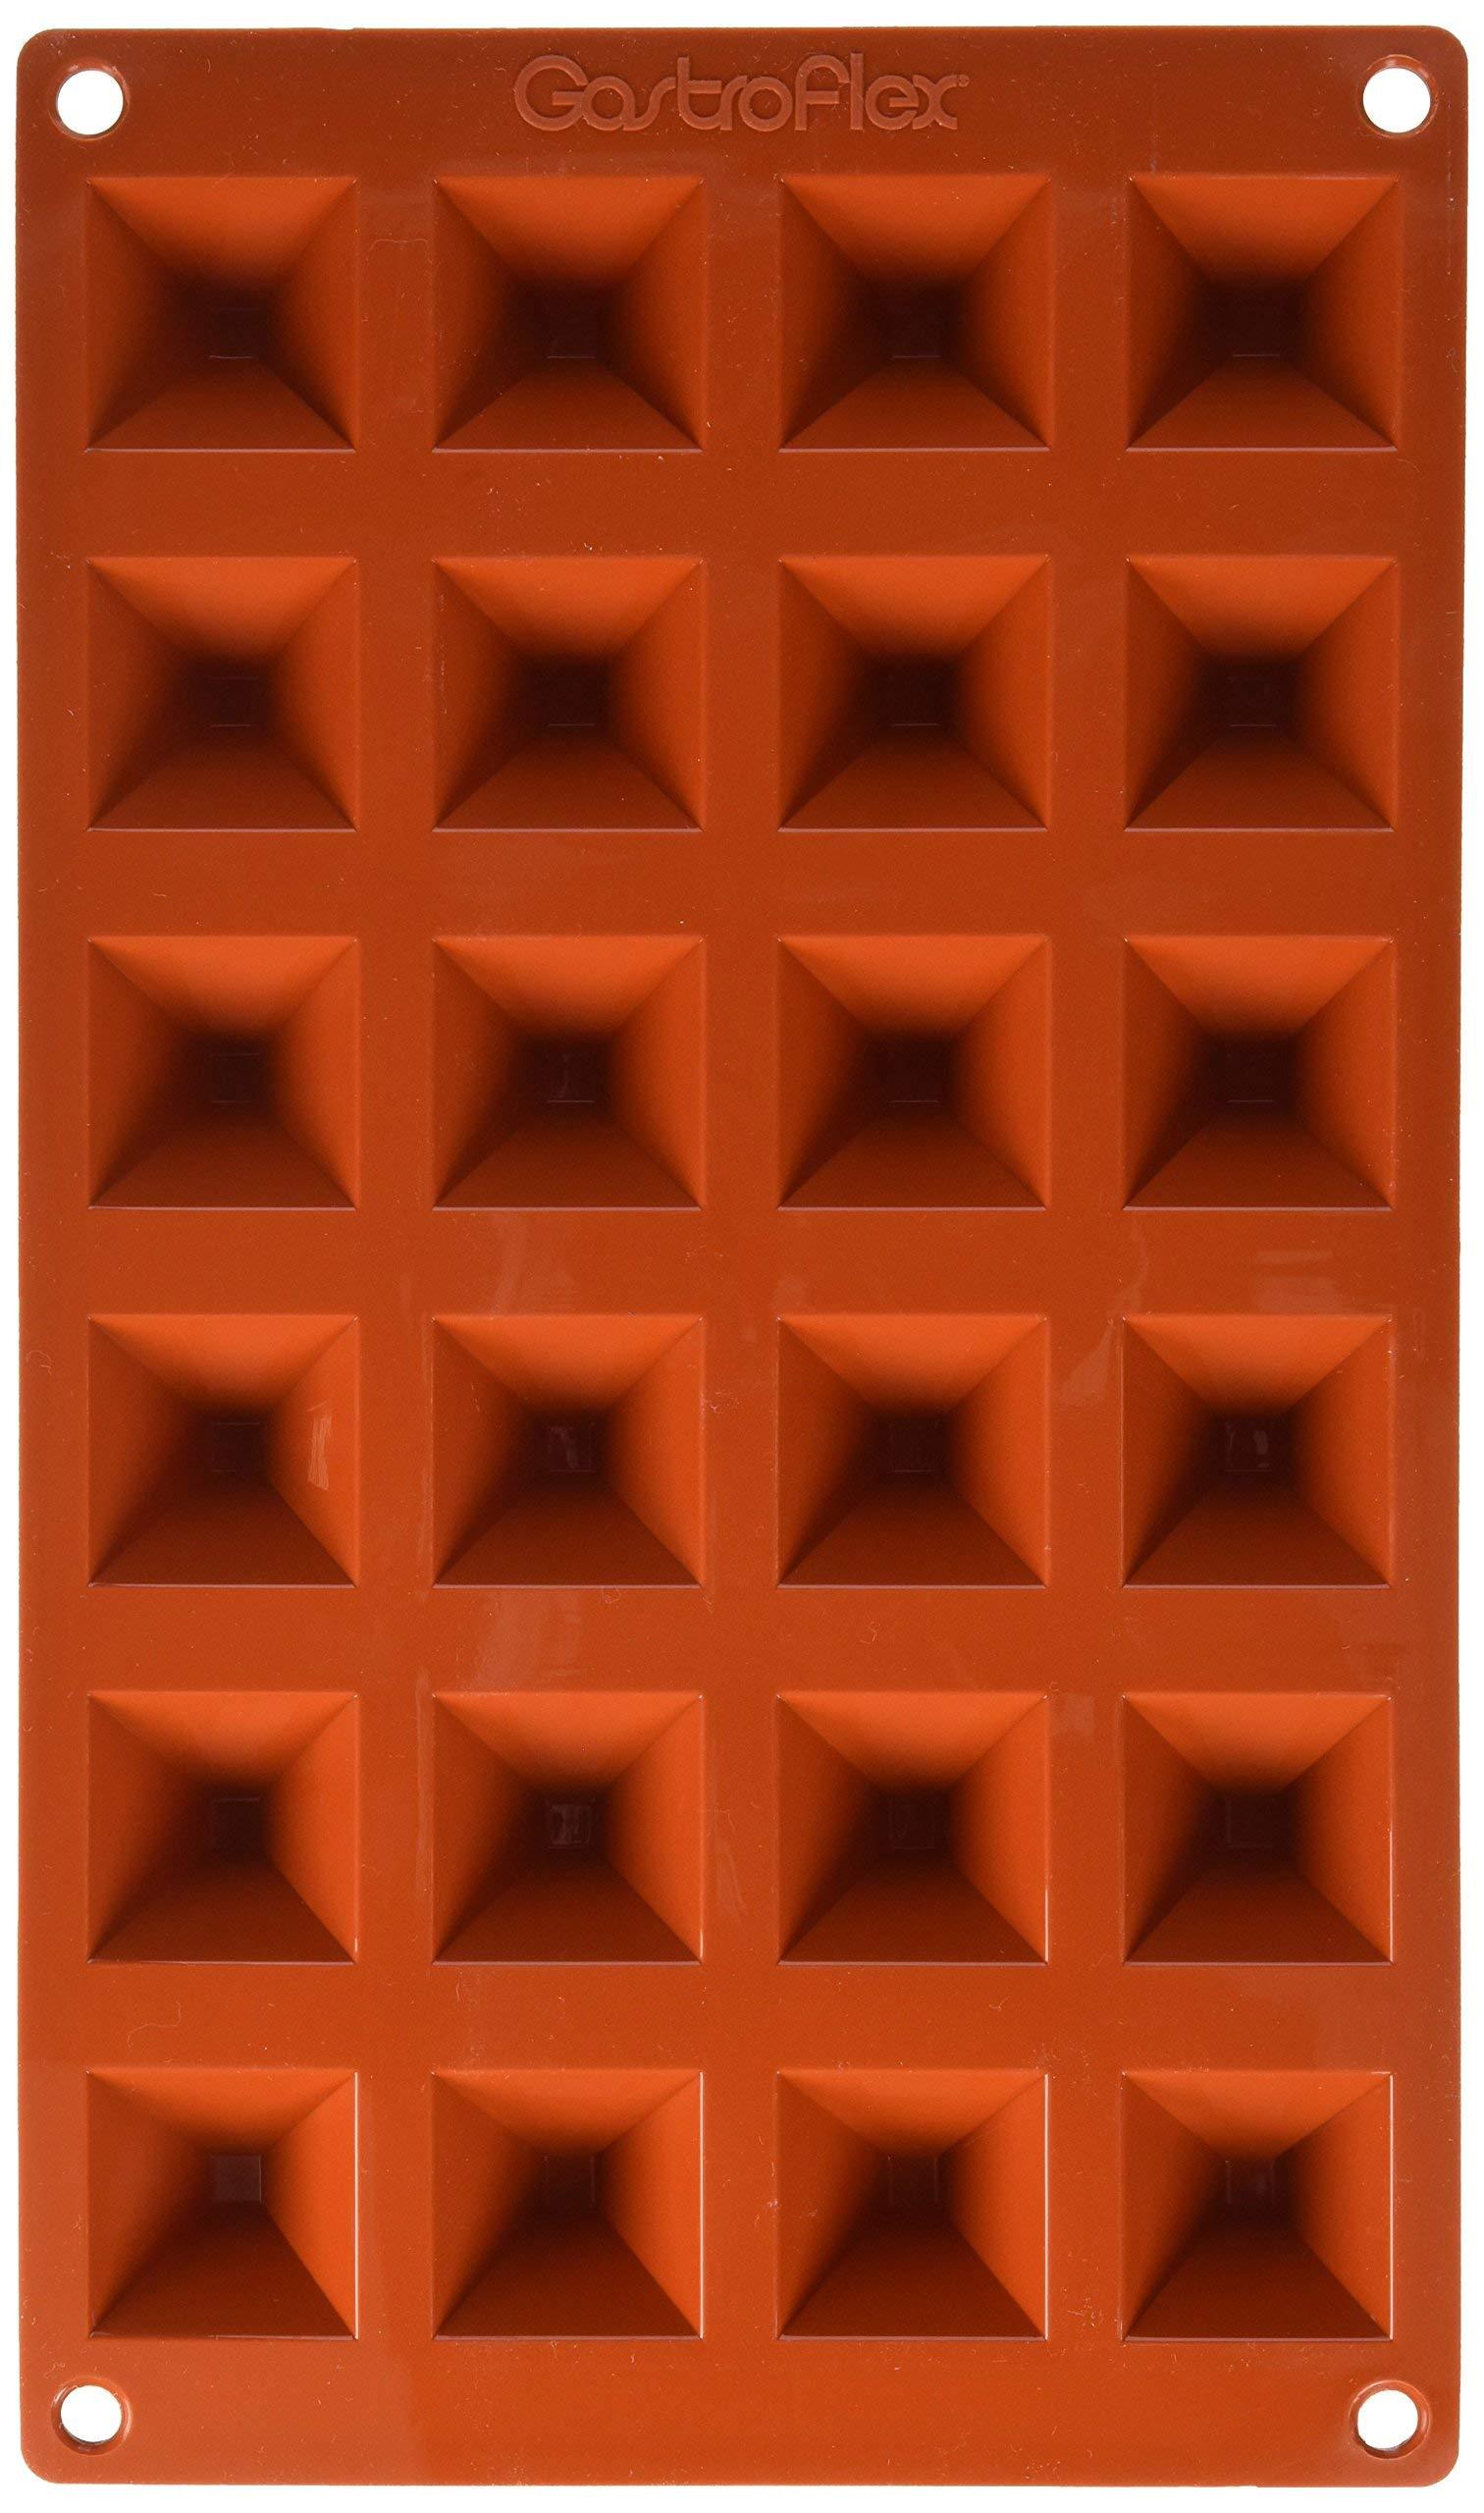 Matfer Bourgeat Gastro Flex Mini Pyramid Mold, Red